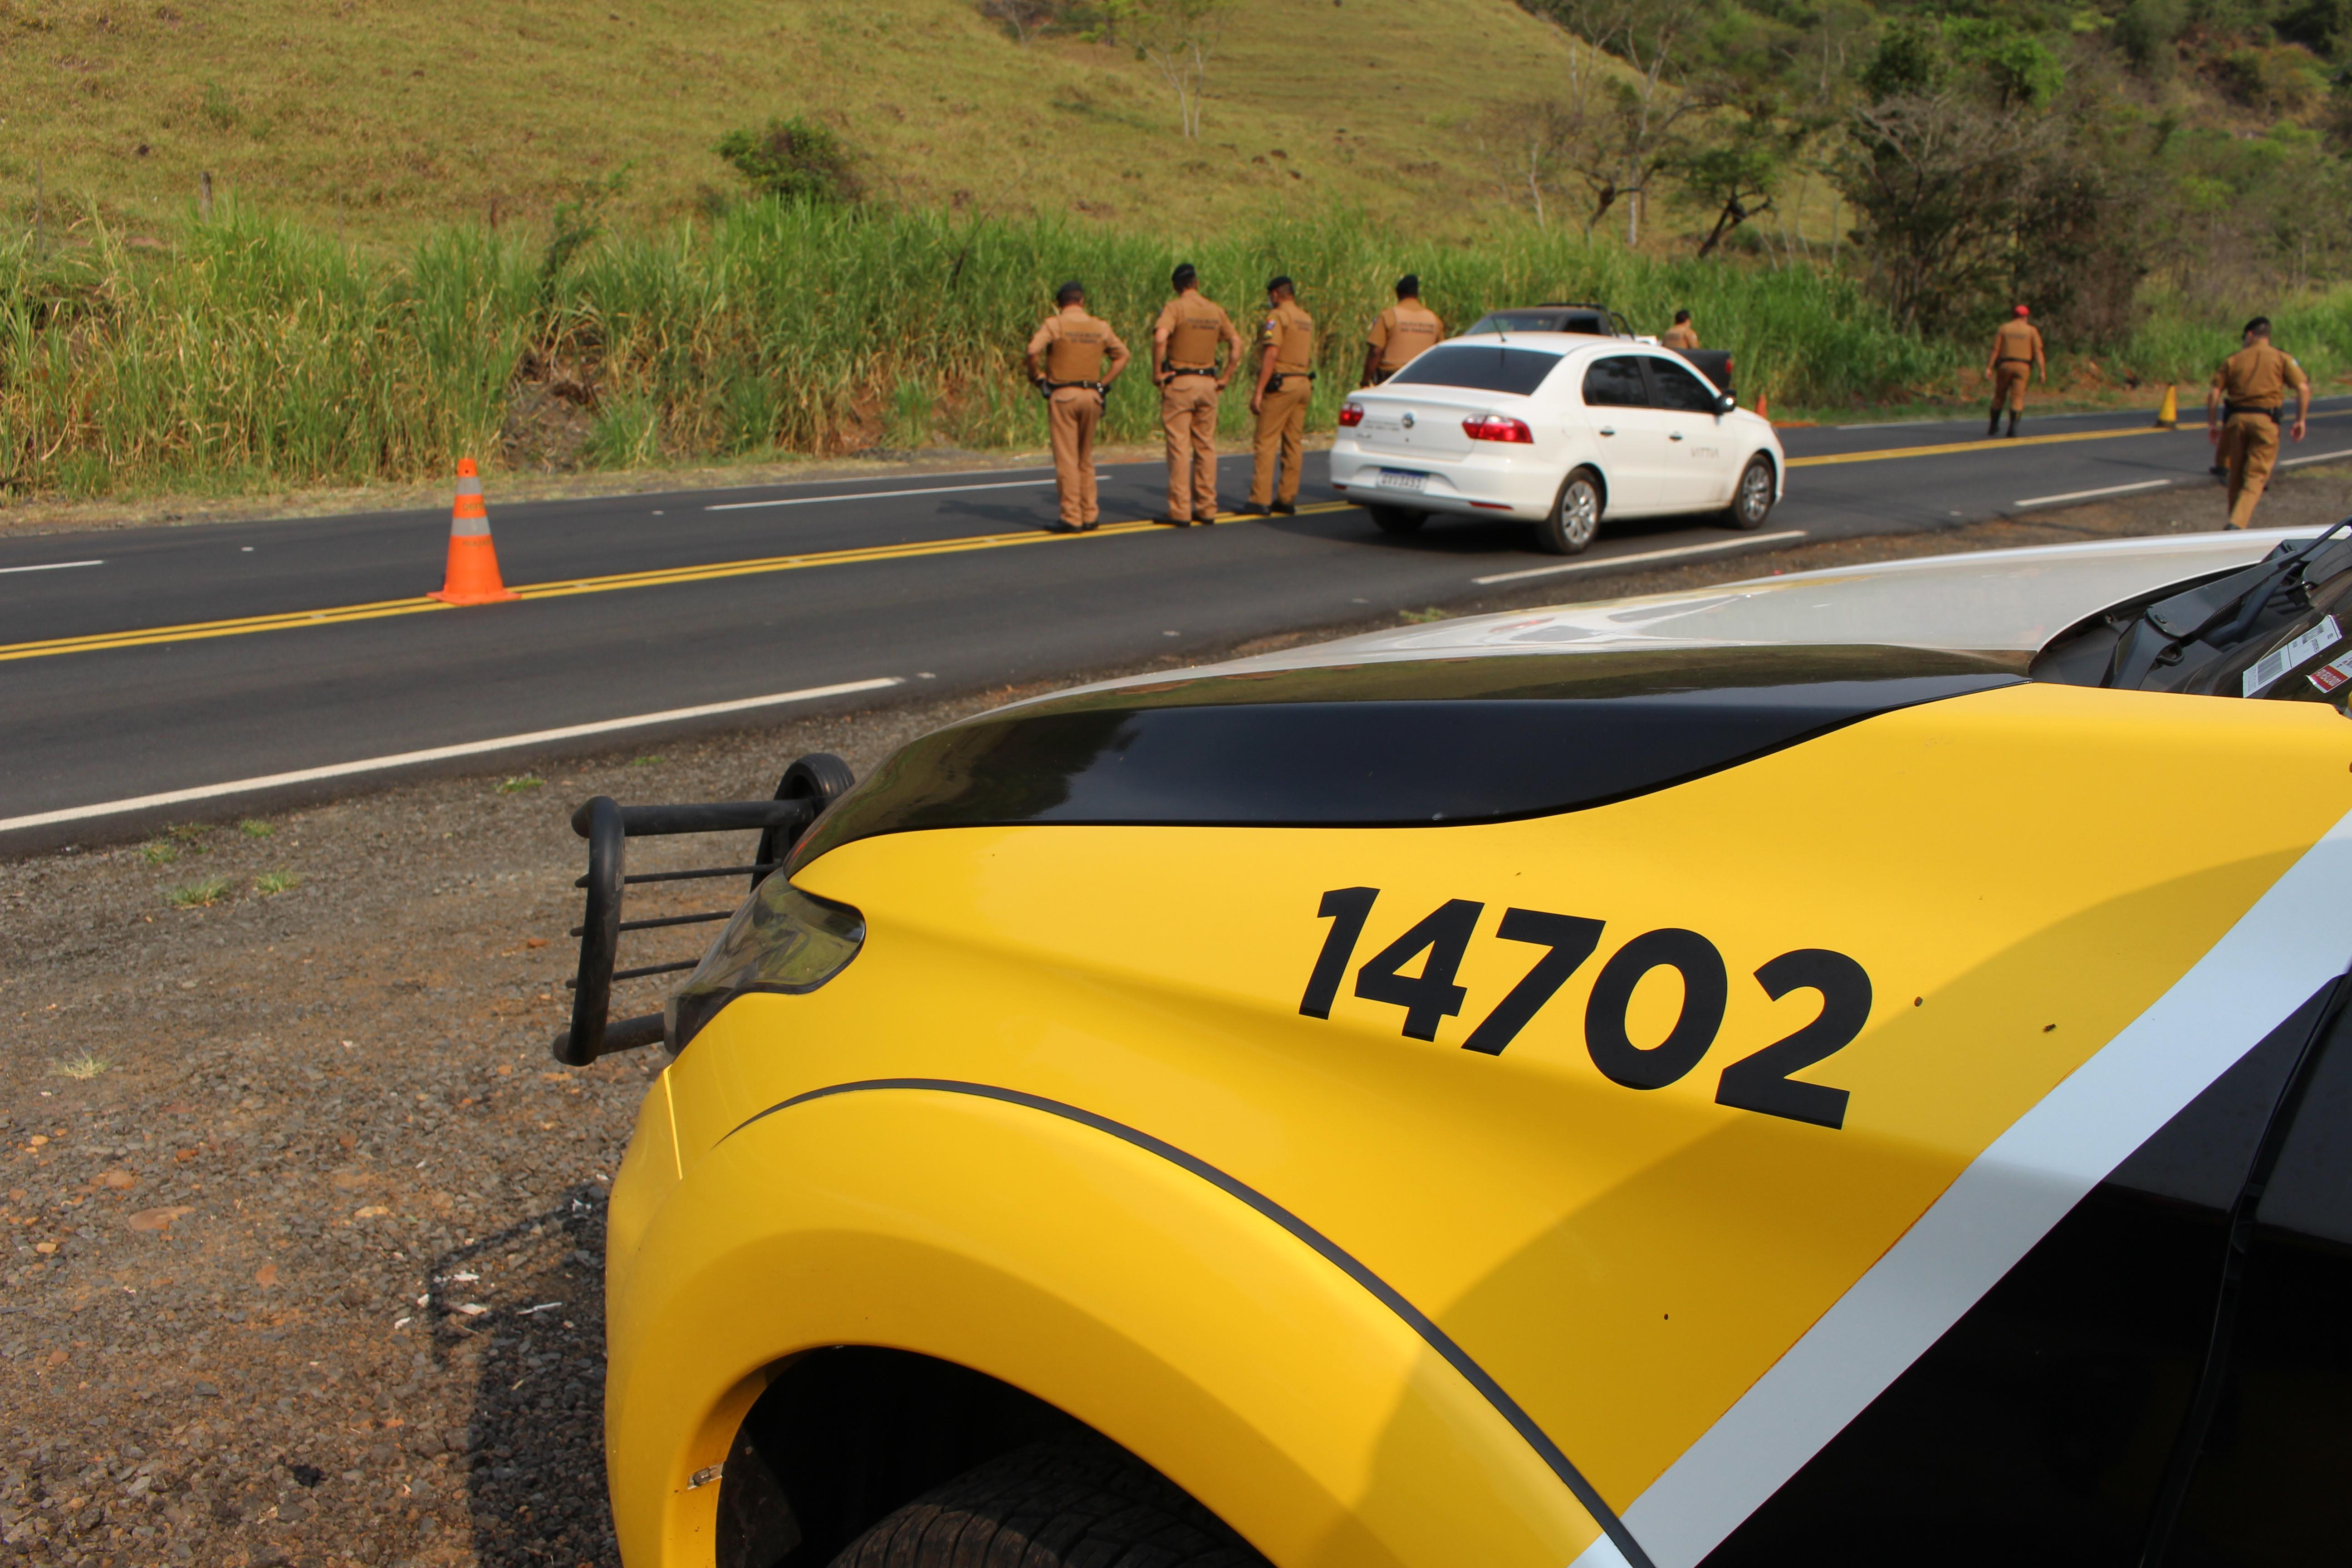 Megaoperação Divisas Integradas termina com a apreensão de mais de 410 quilos de drogas pela Polícia Militar do Paraná